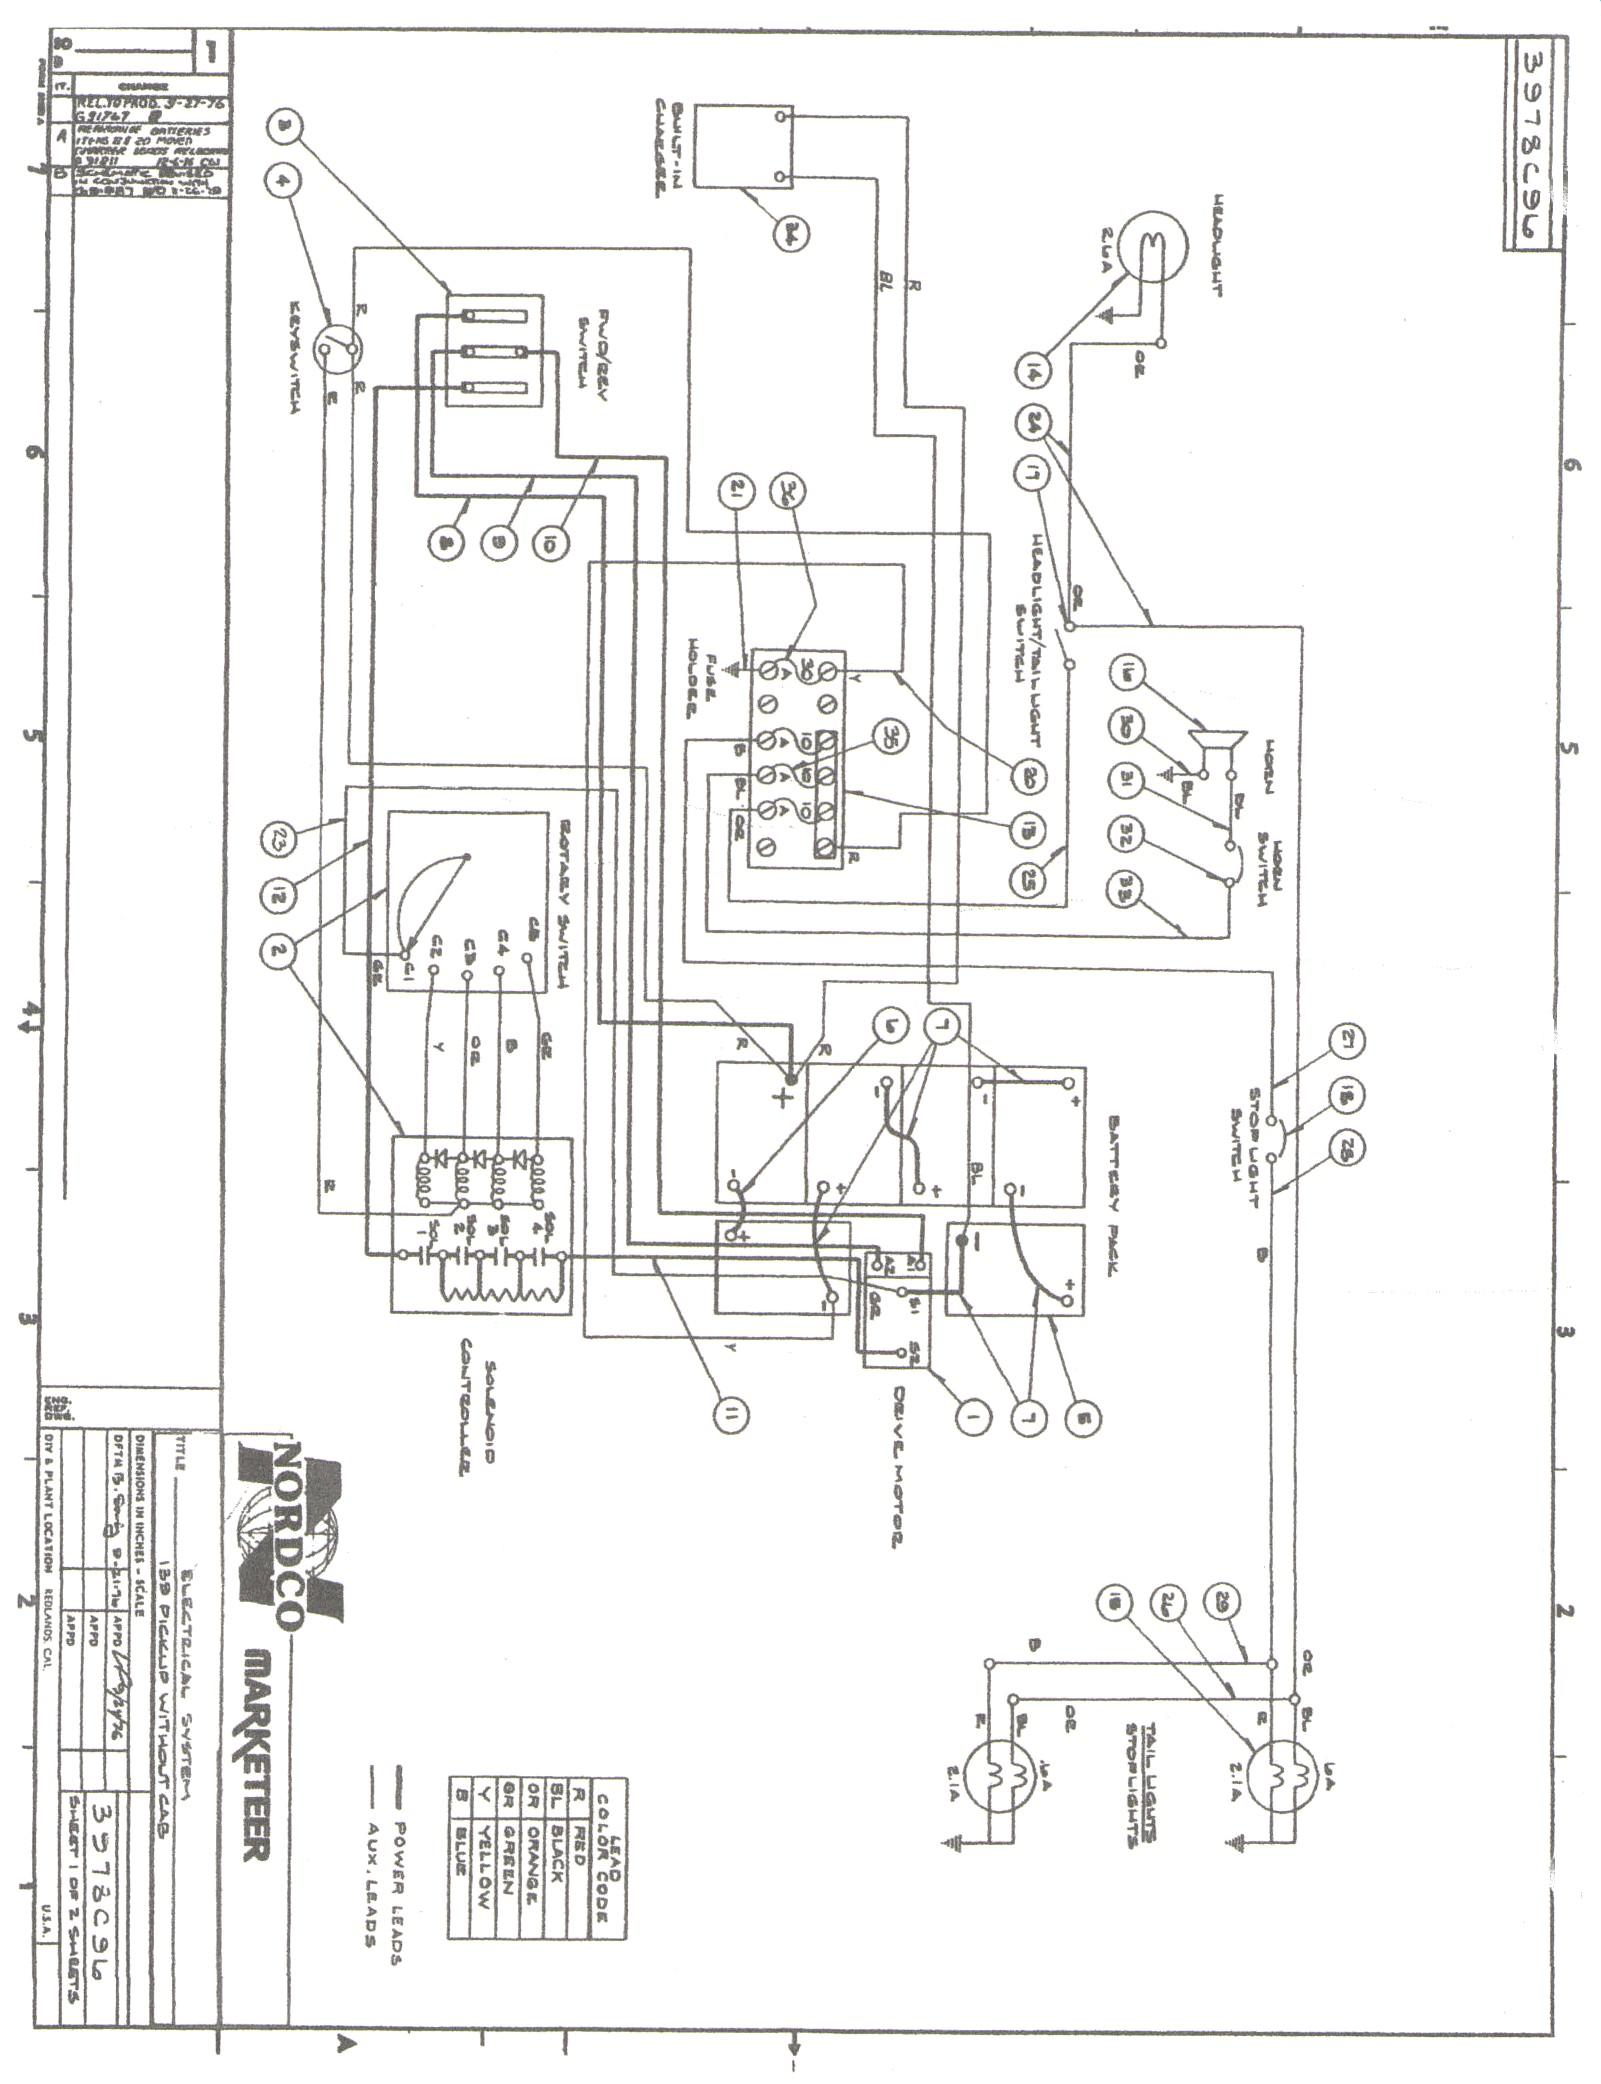 ez go gas wiring diagram xm 5581  golf cart 36v wiring diagram free download wiring diagram ez go gas wiring diagram download free xm 5581  golf cart 36v wiring diagram